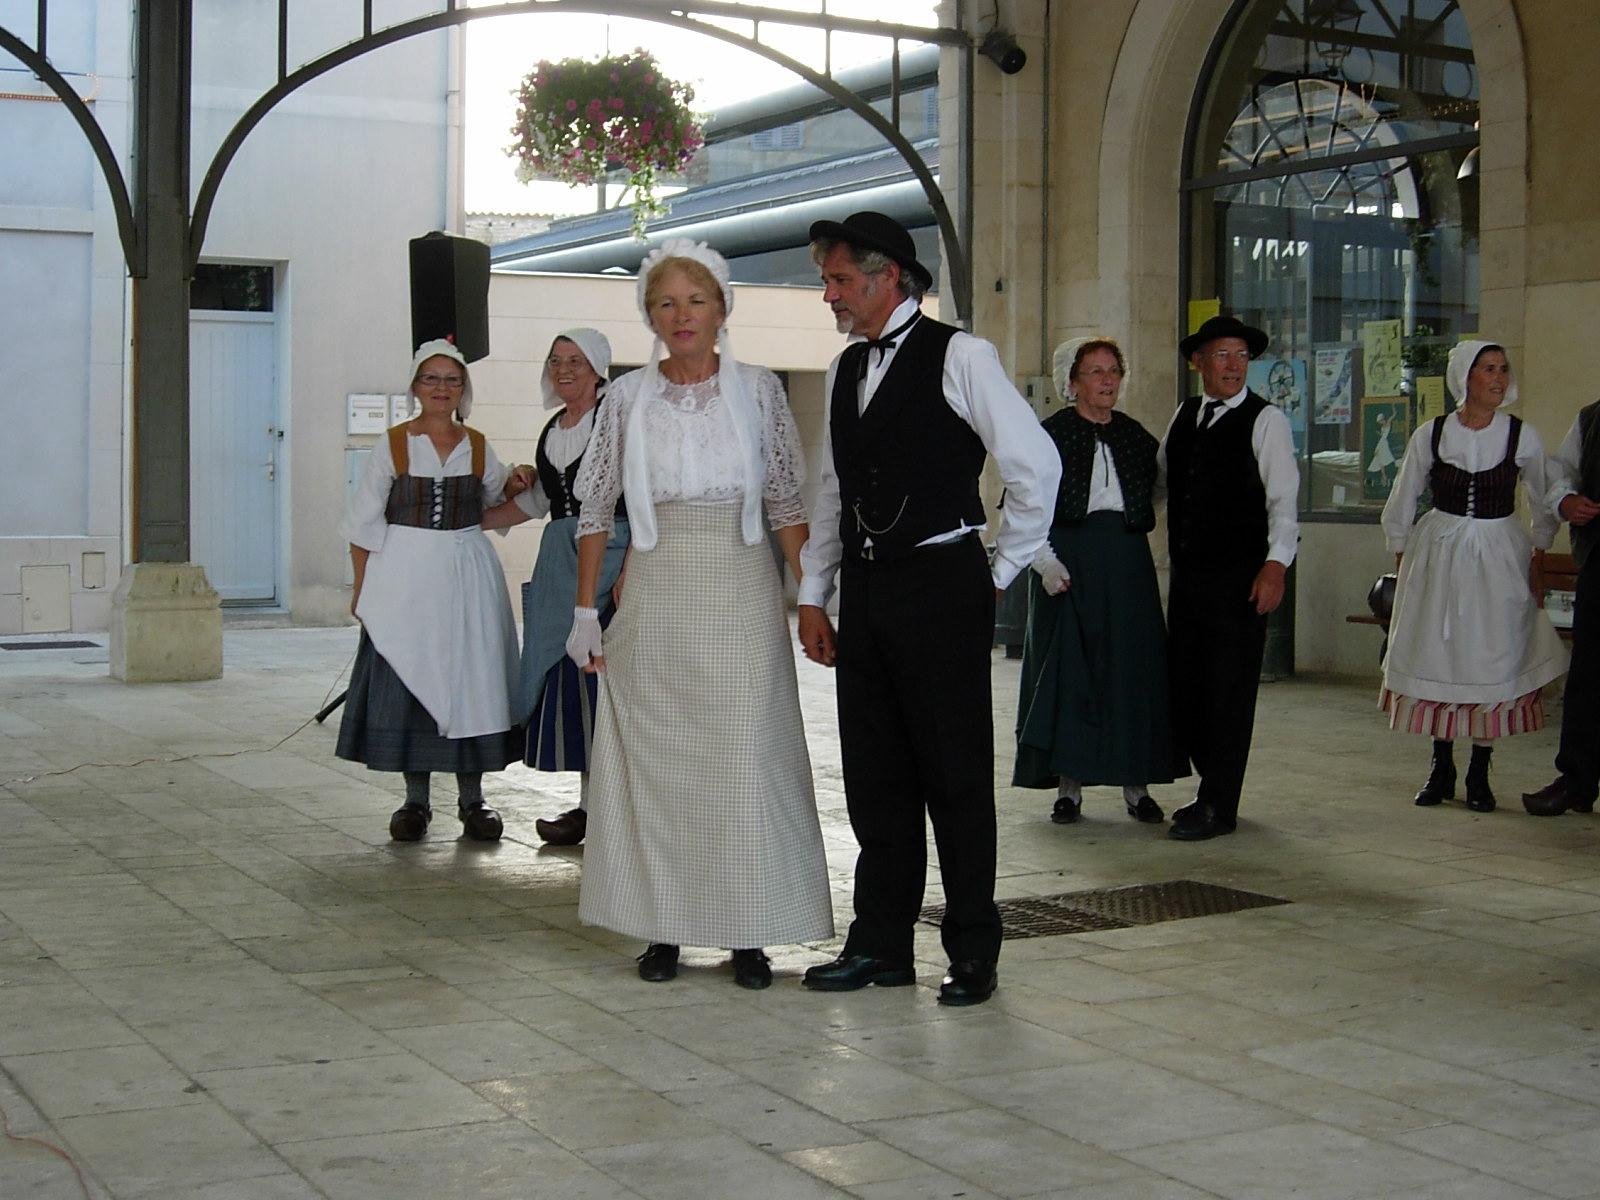 Les Martrêches Tholusiennes Le Thou Fete de la musique Juin  2005